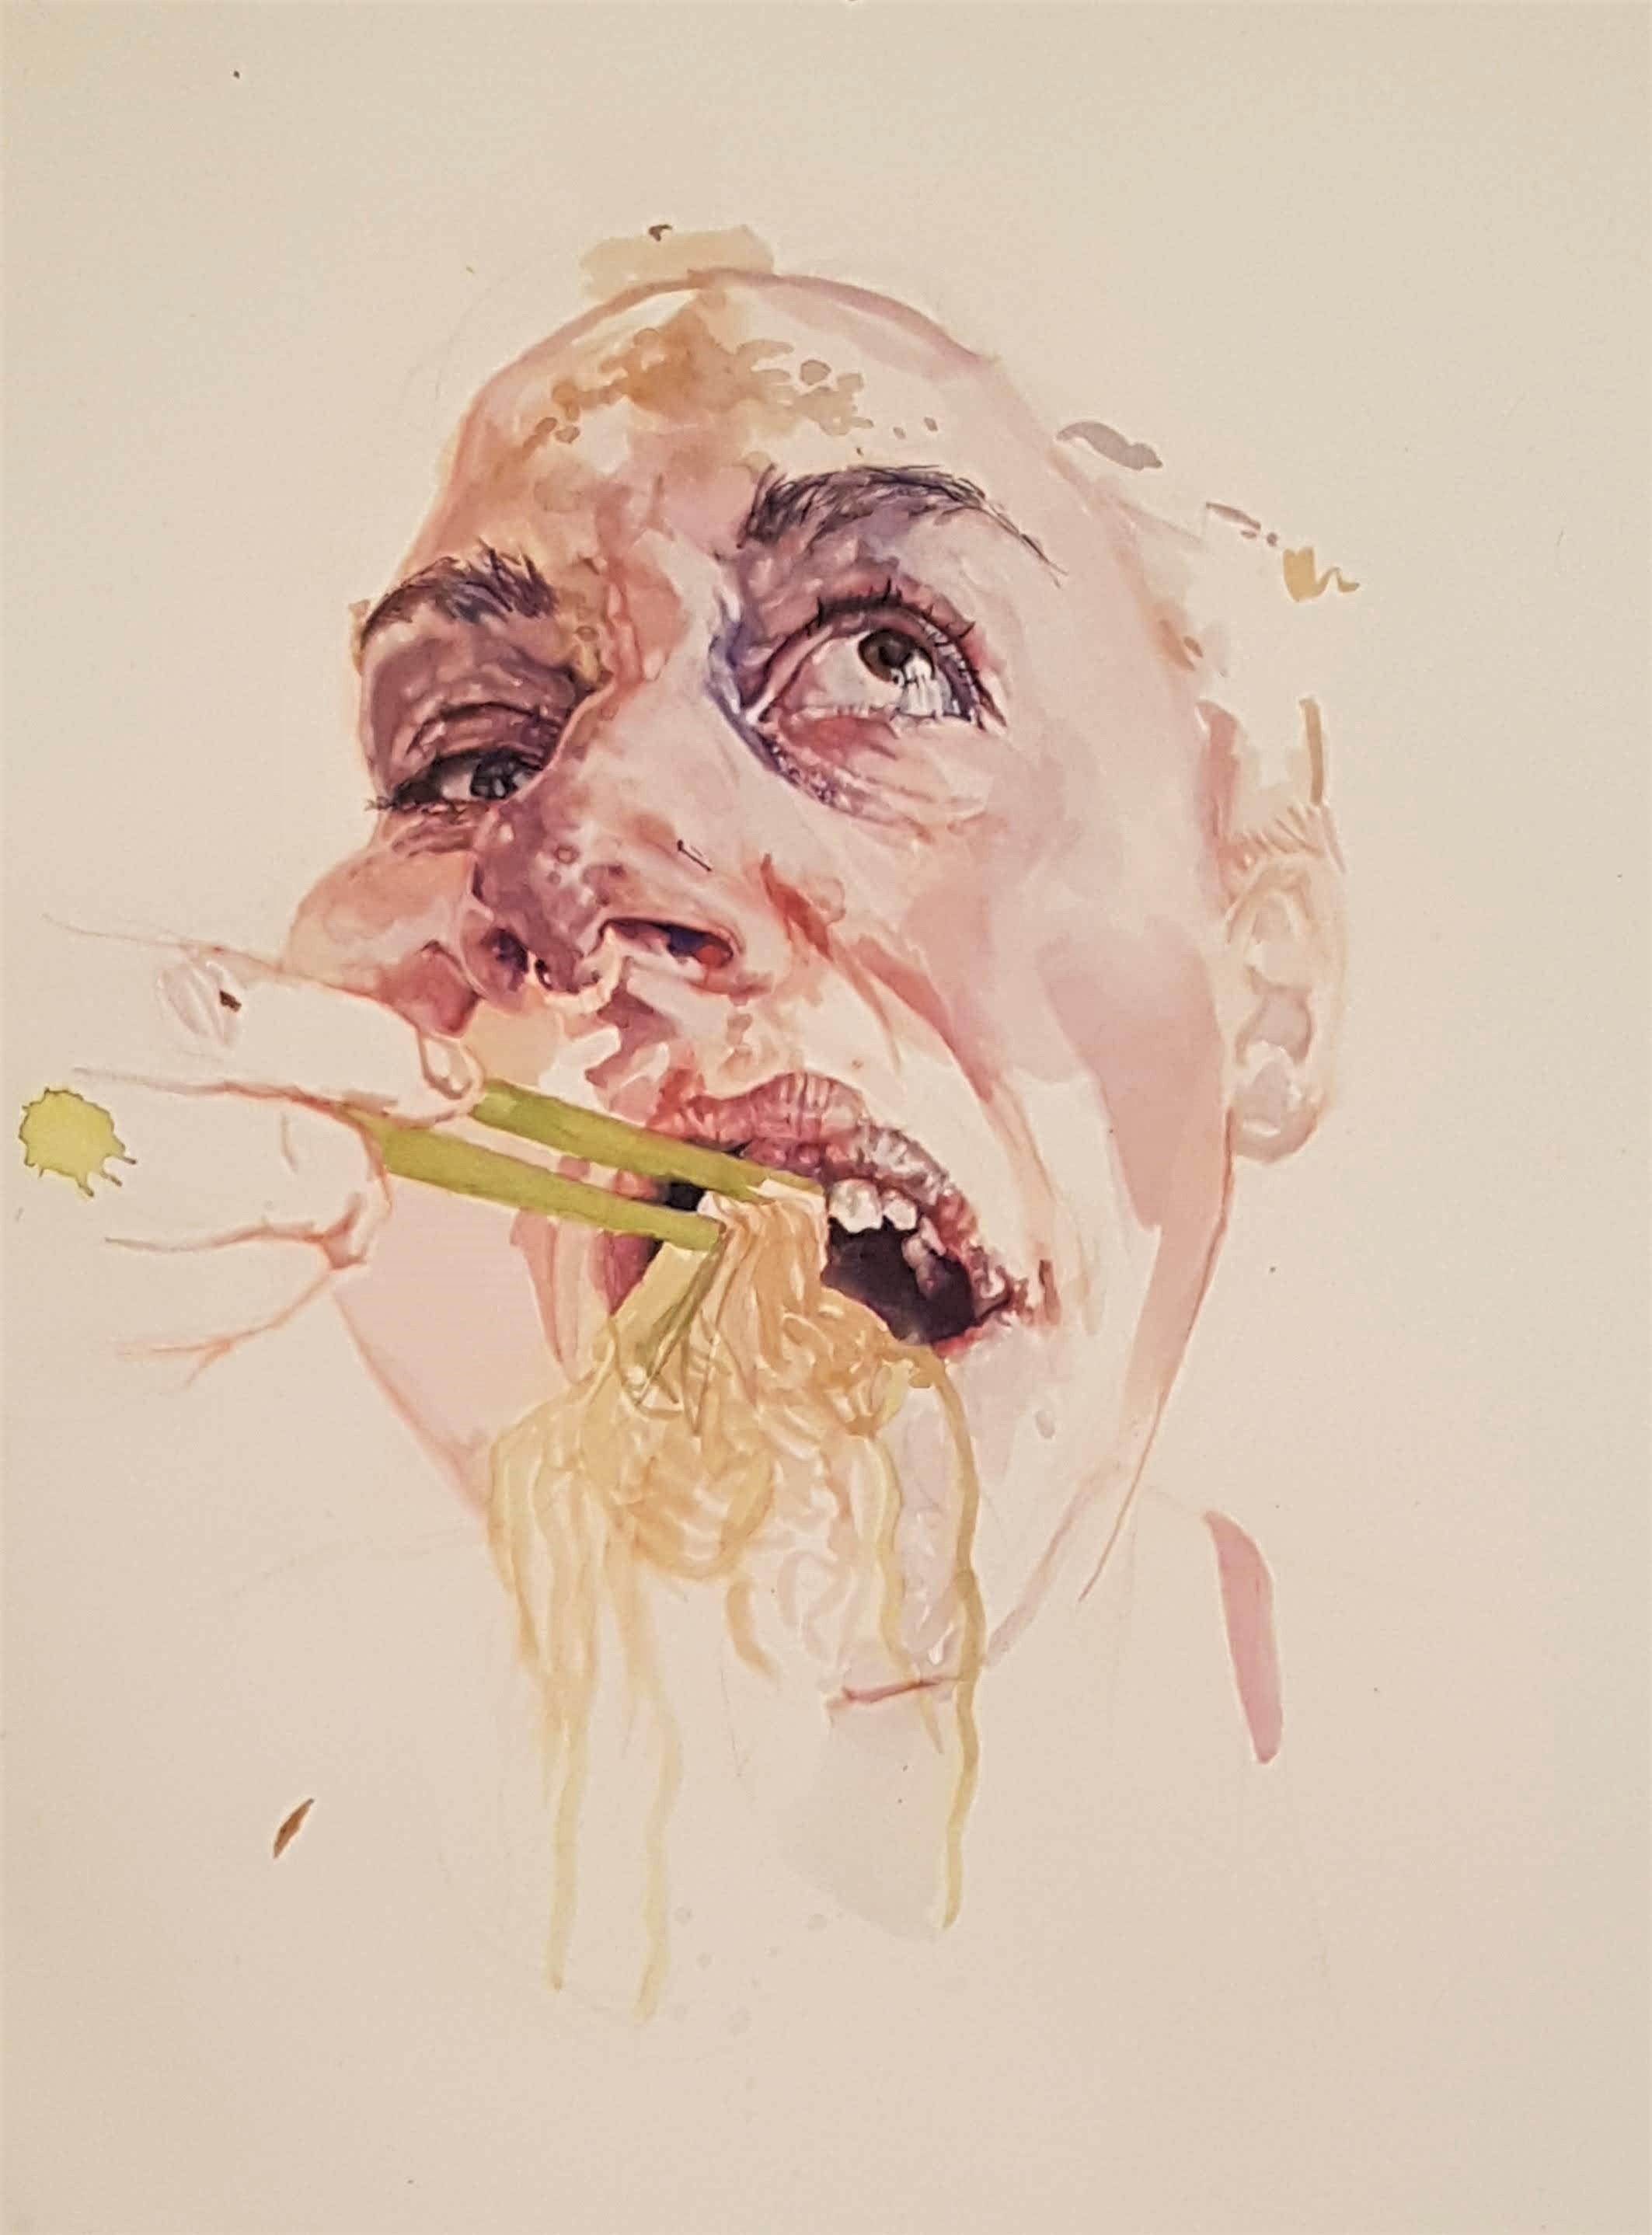 Noodle Study (2017)